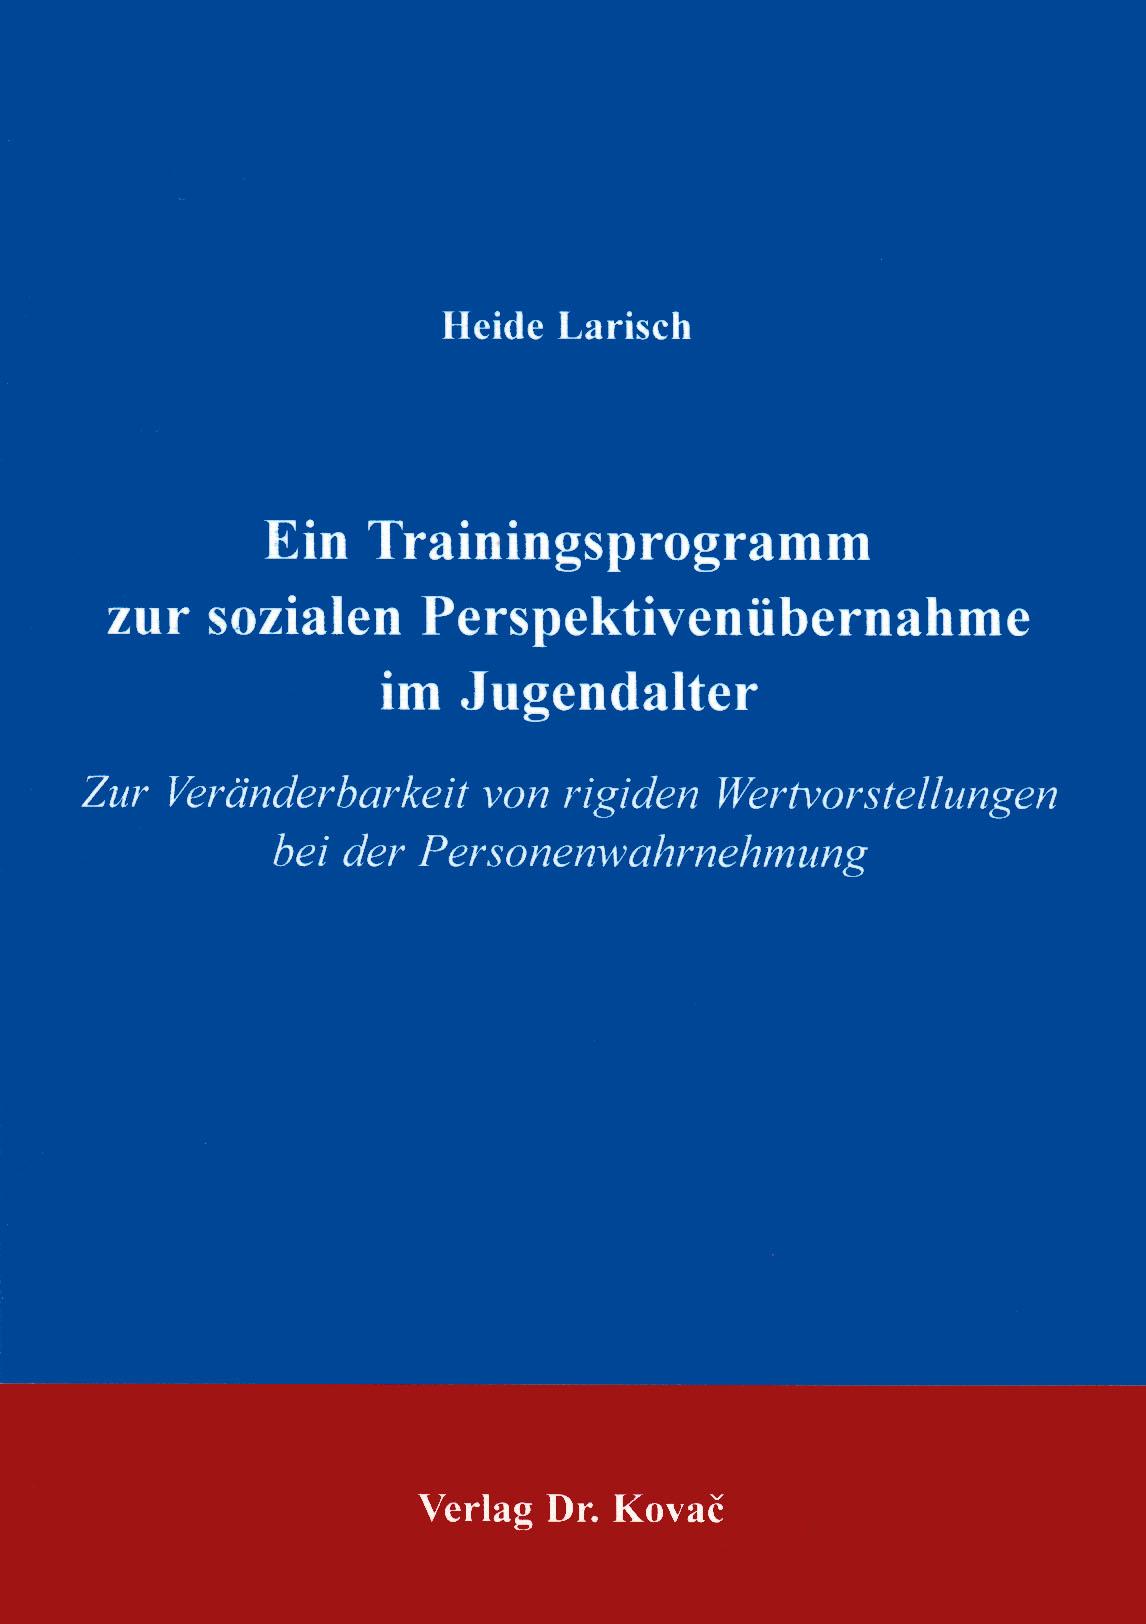 Cover: Ein Trainingsprogramm zur sozialen Perspektivenübernahme  im Jugendalter